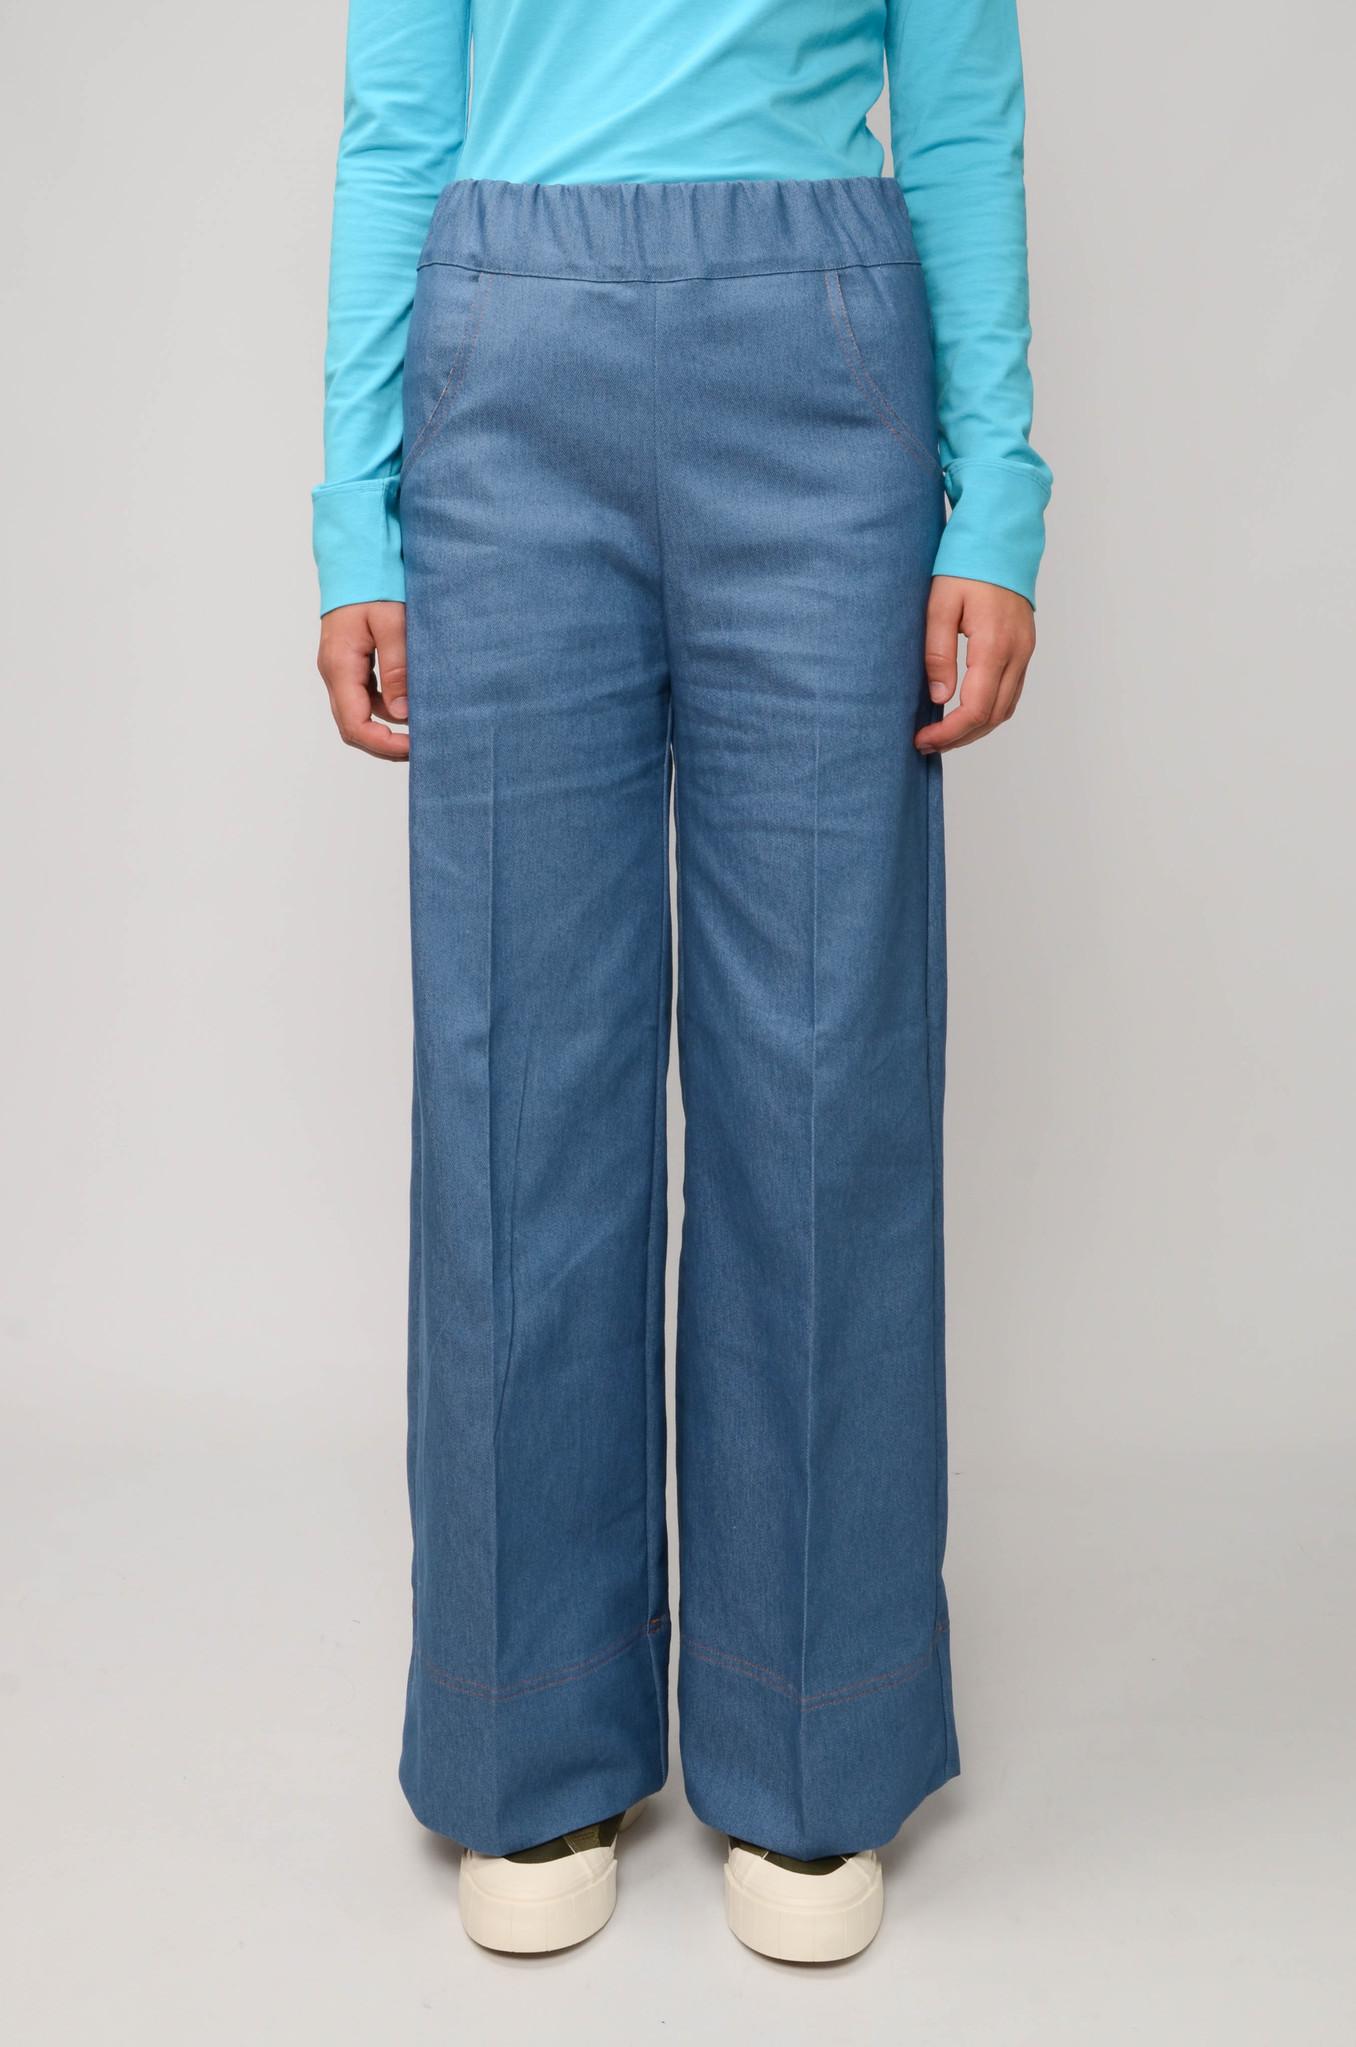 WOODY PANTS BLUE DENIM UNI-1